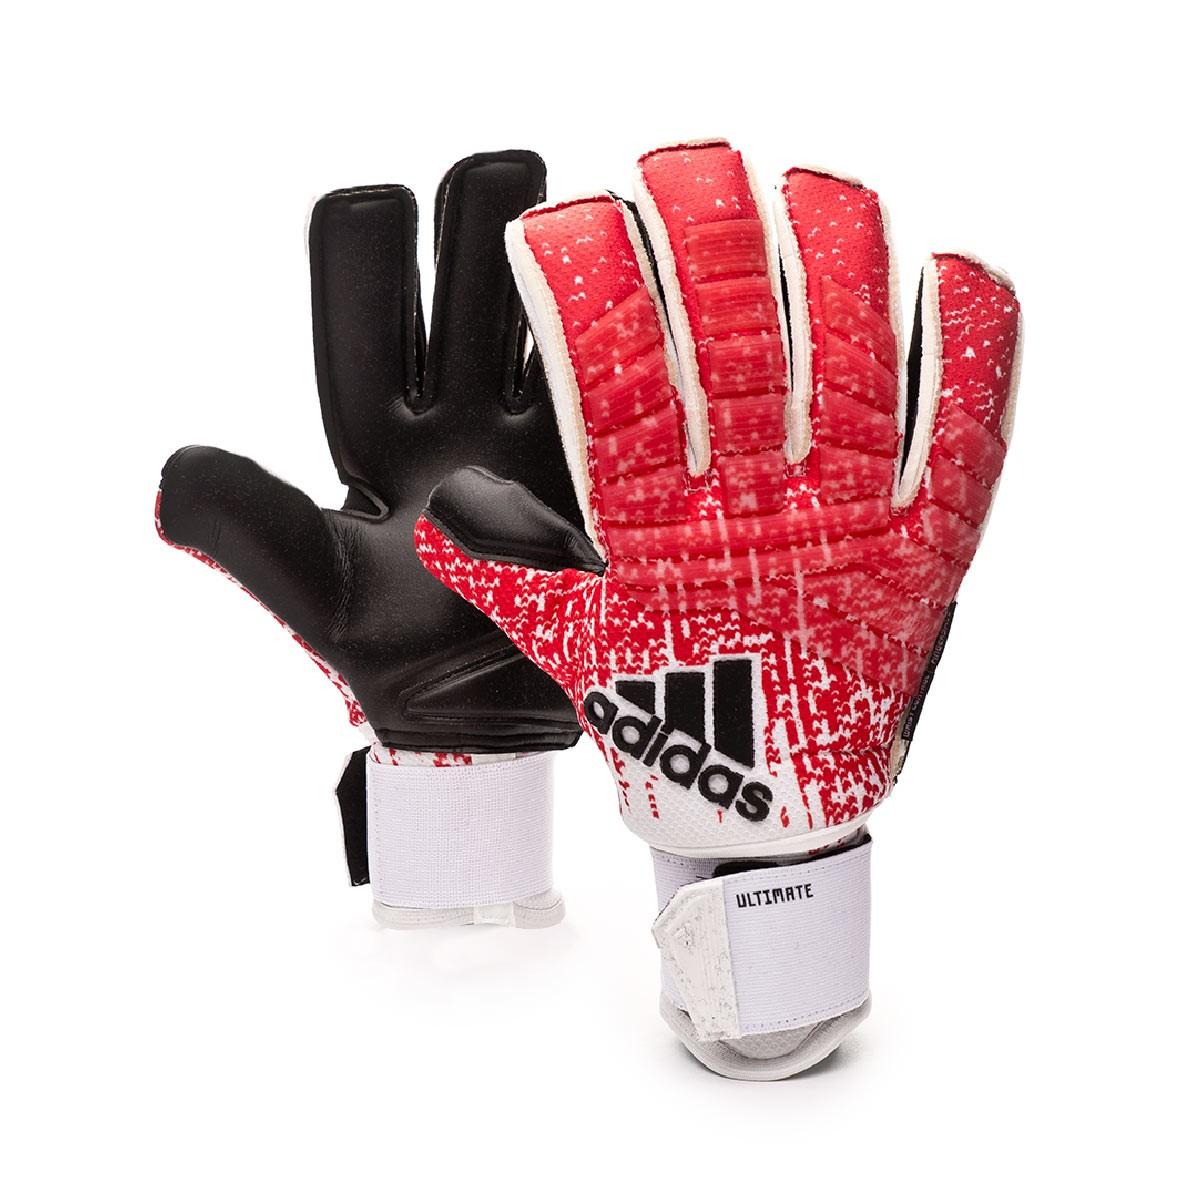 ganado Descomponer guión  Guante de portero adidas Predator Ultimate Active red-White-Black - Tienda  de fútbol Fútbol Emotion